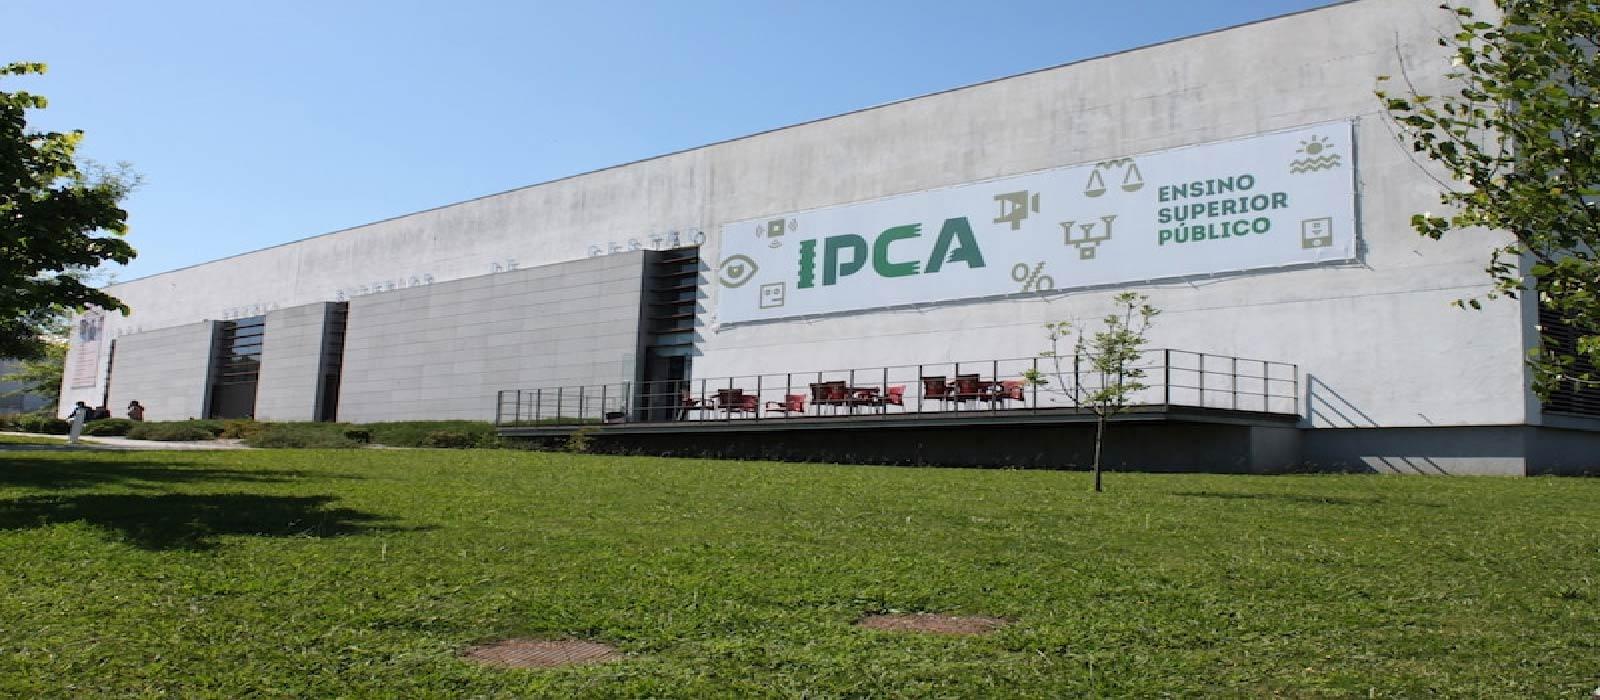 SISQUAL® vence concurso para fornecimento de solução de Controlo e Gestão de Assiduidade no IPCA